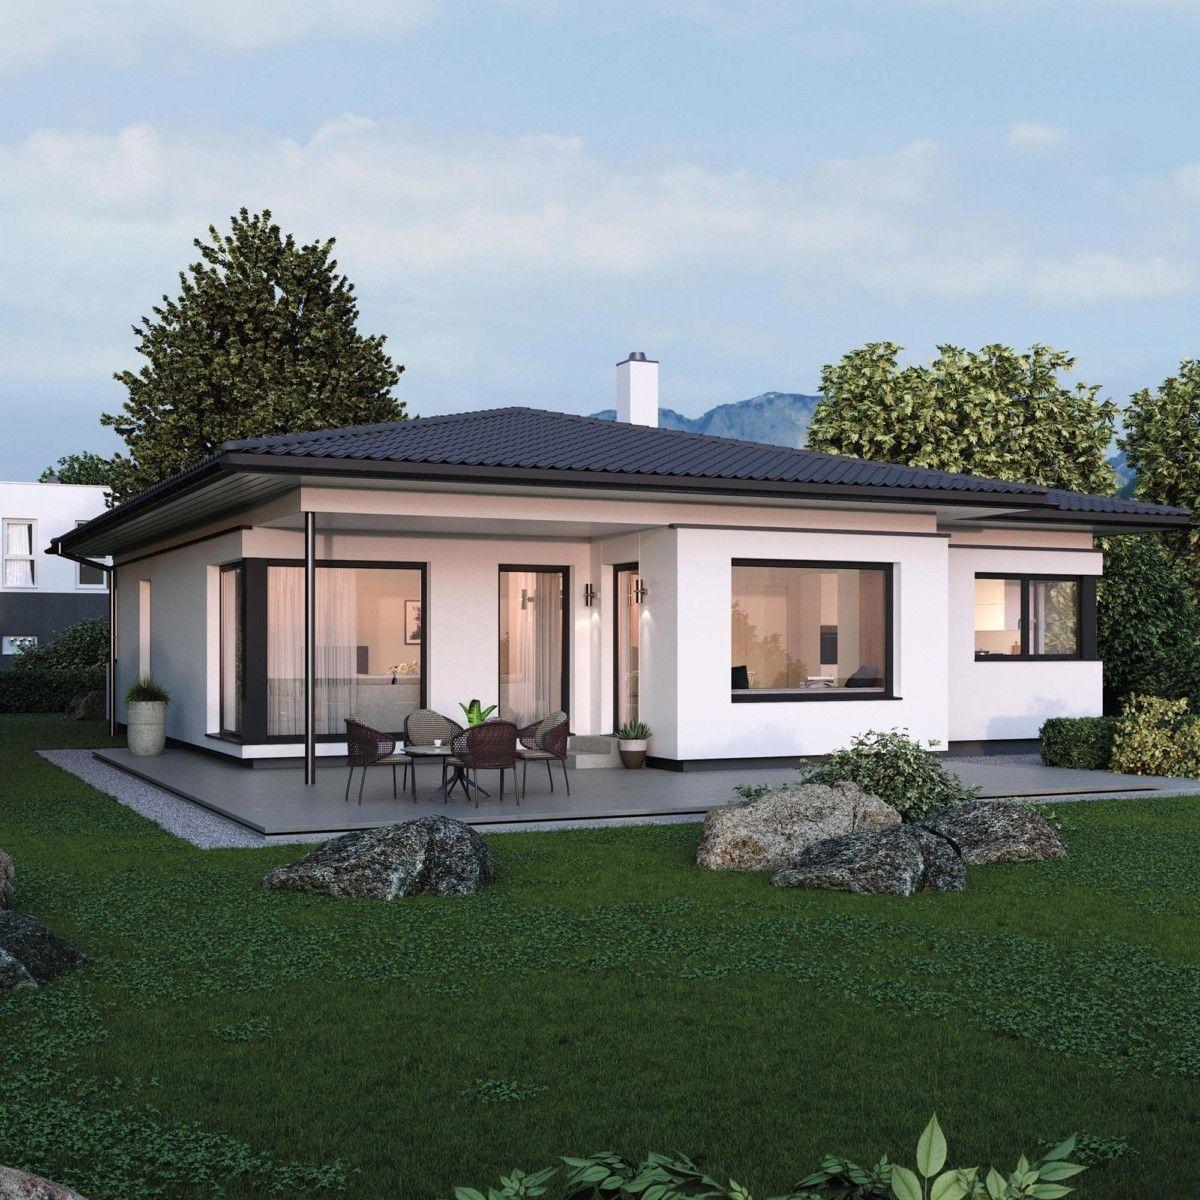 Bungalow Bauen: Bungalow Haus Design Modern Mit Walmdach Architektur